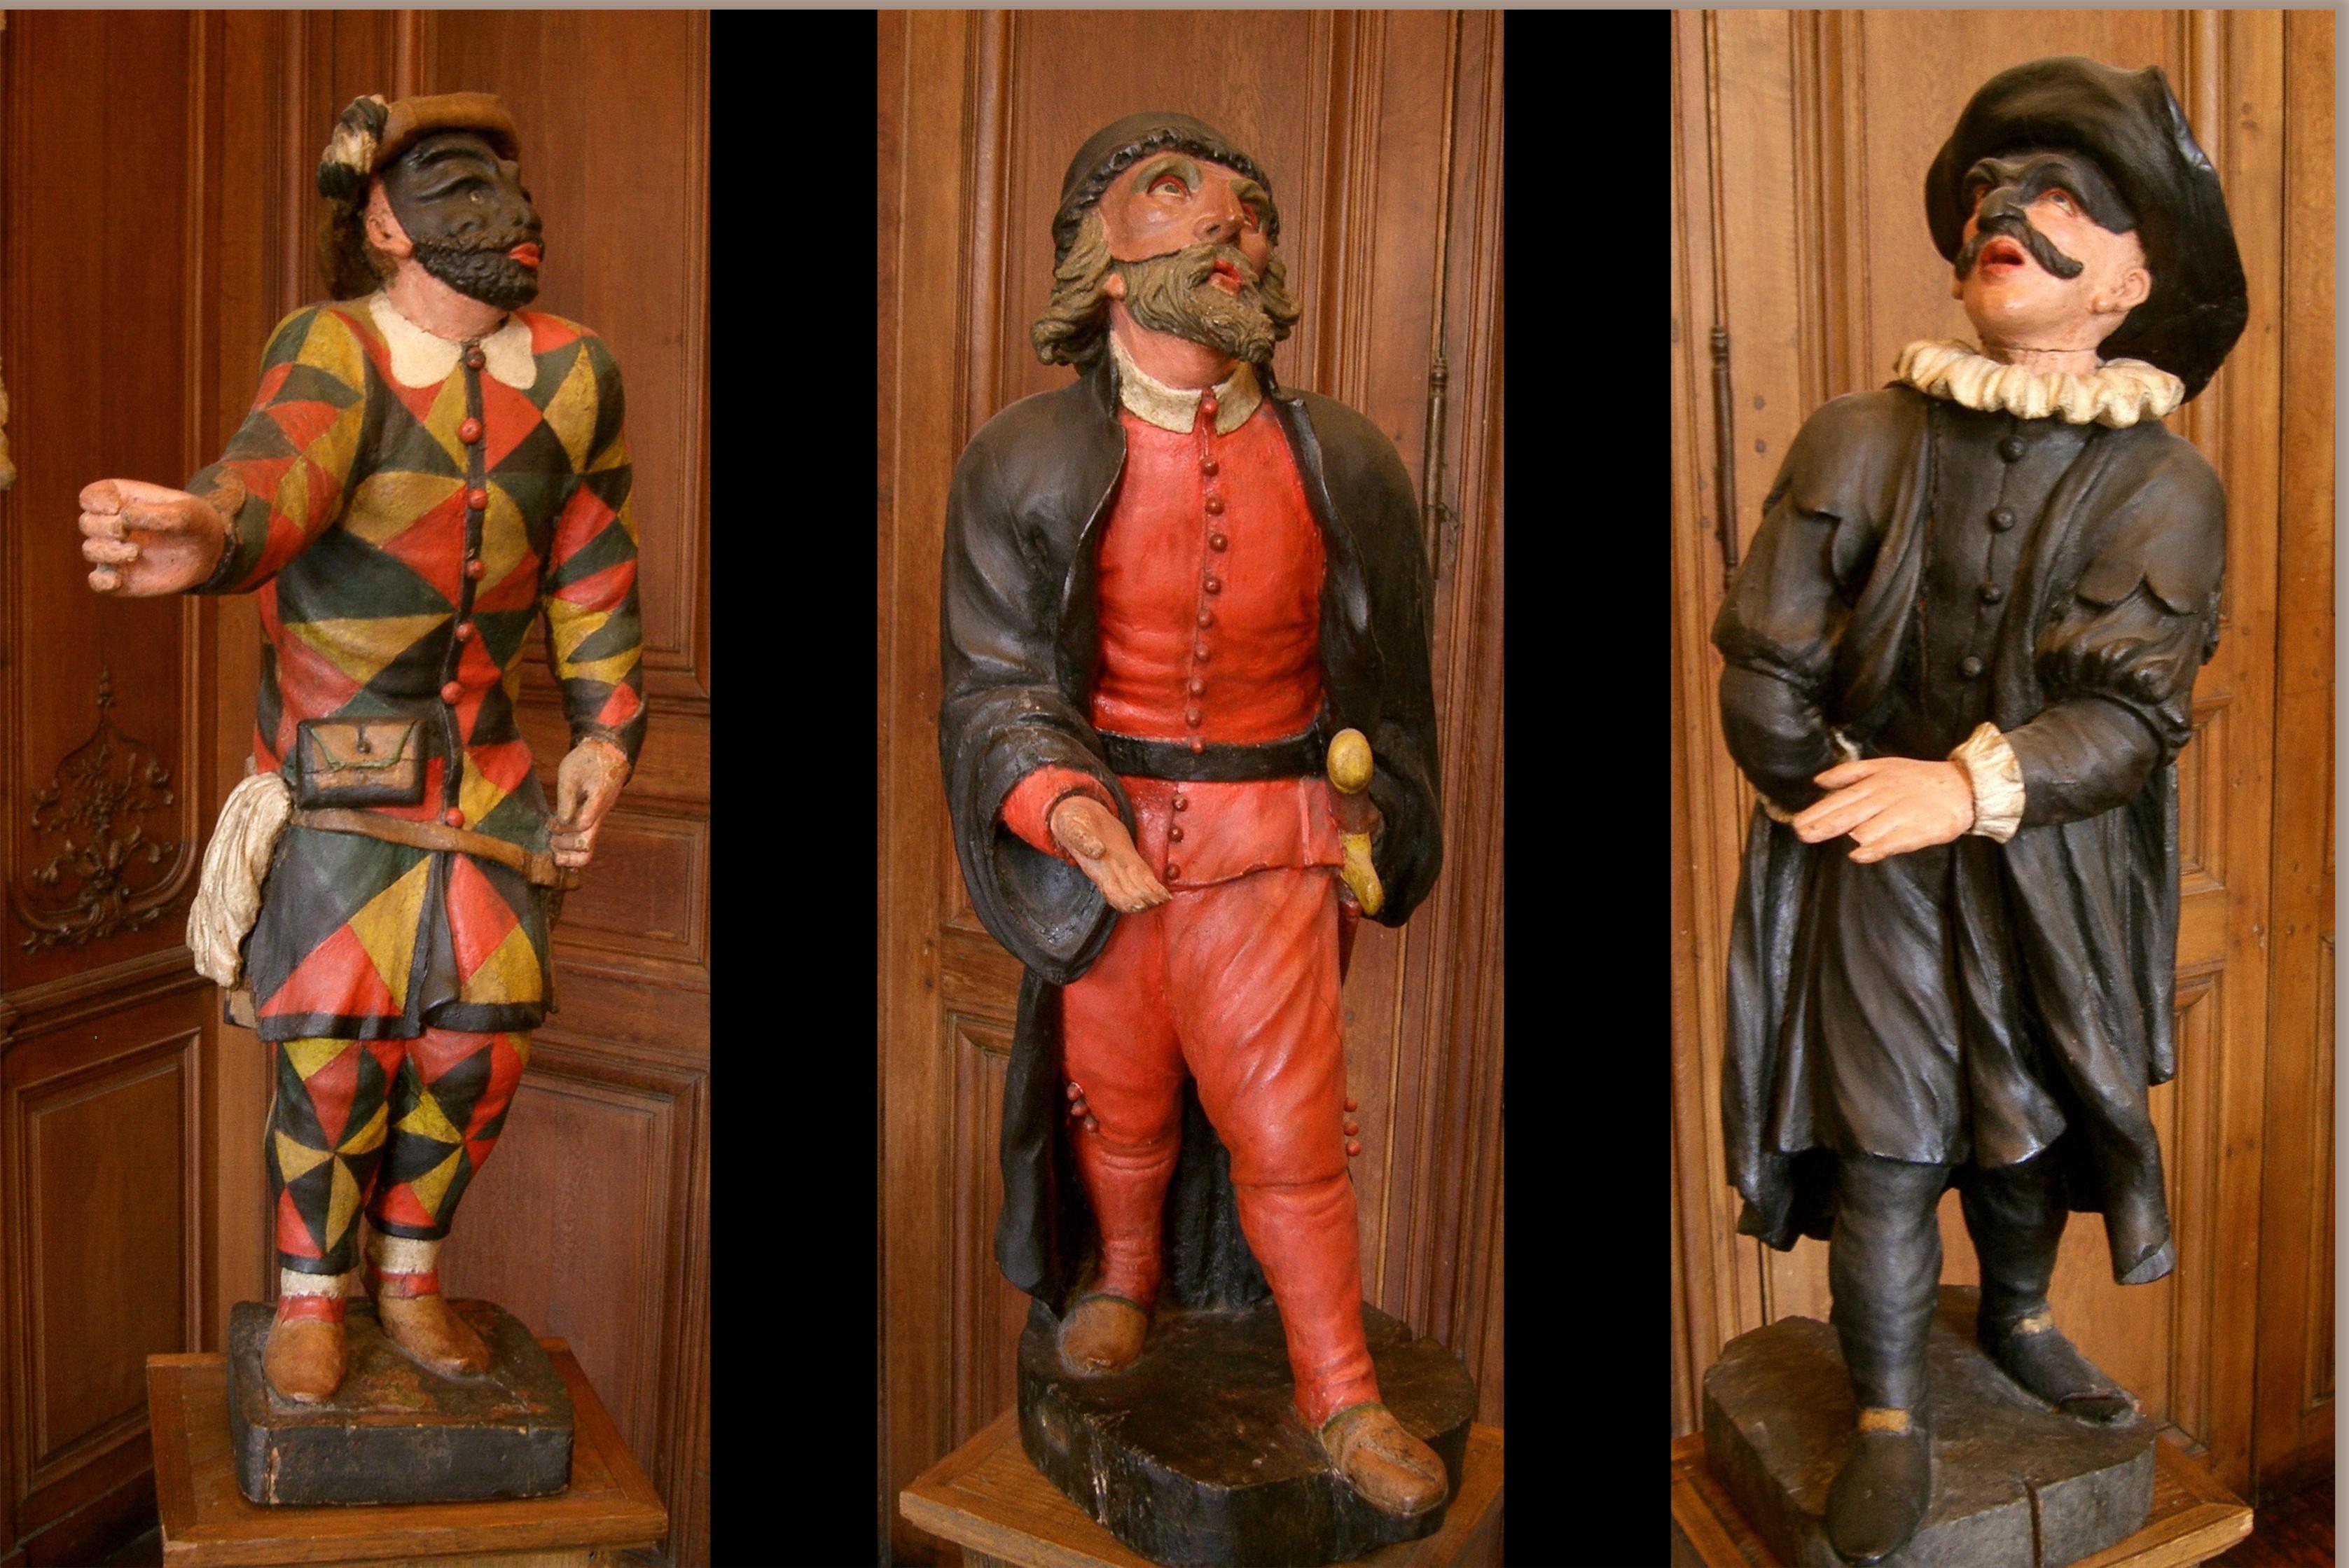 Extraordinaire File:Arlequin - Pantalone - Il Dottore -commedia dell'arte.JPG CK-79